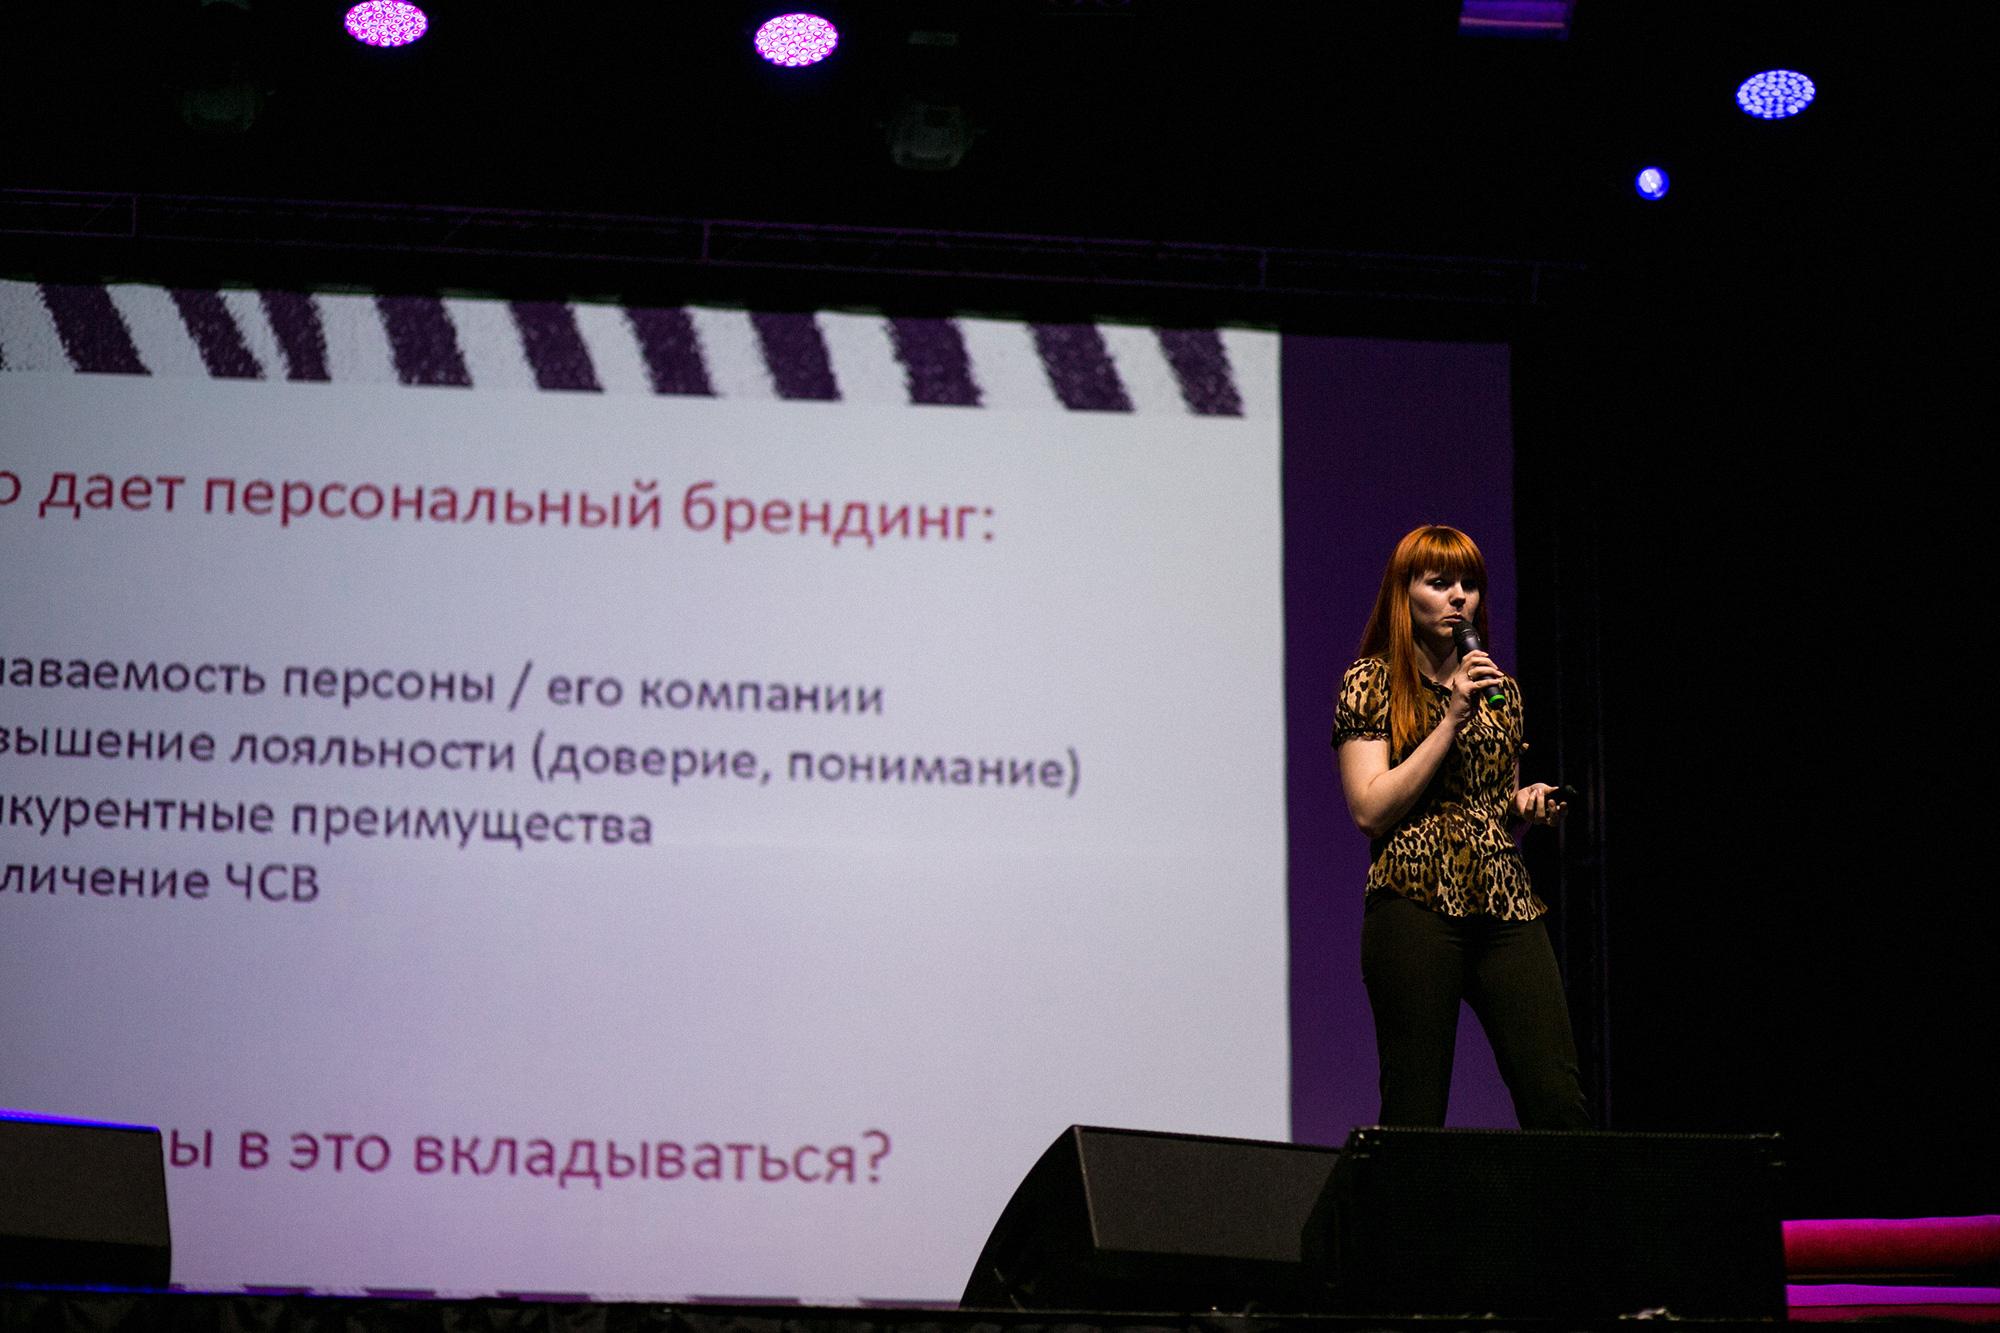 Фотоотчет о мероприятии. Фотограф Максим Зайцев